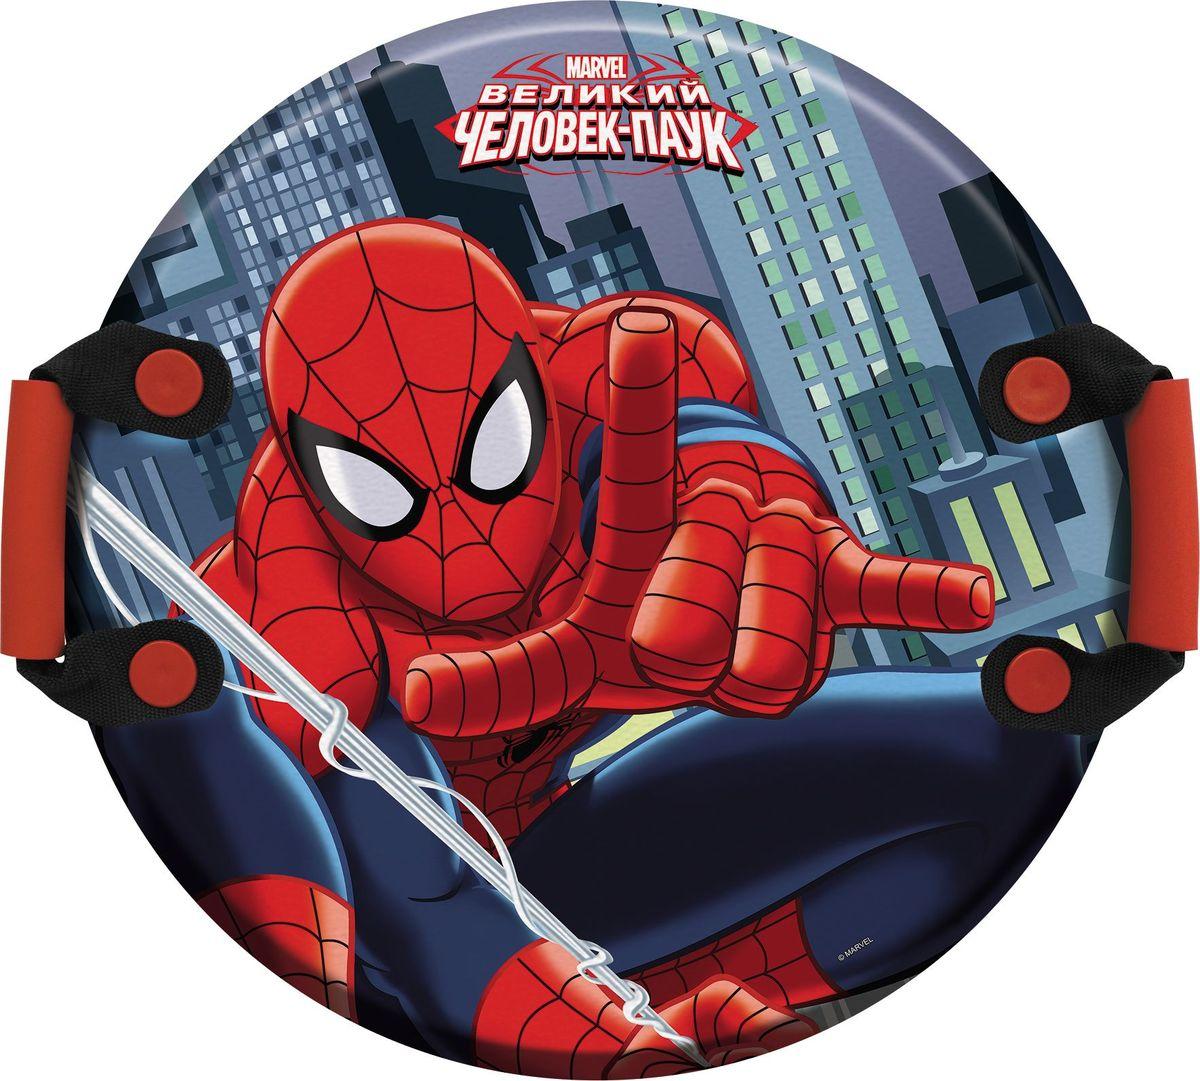 Ледянка 1TOY Marvel. Spider-Man, с ручками, 54 смТ59096Ледянка для любителей зимних спортивных развлечений с героями любимого мультфильма. Она подарит много радостных моментов вашему малышу. Ледянка красочно оформлена персонажами любимого мультфильма, и она легкая.Зимние игры на свежем воздухе. Статья OZON Гид